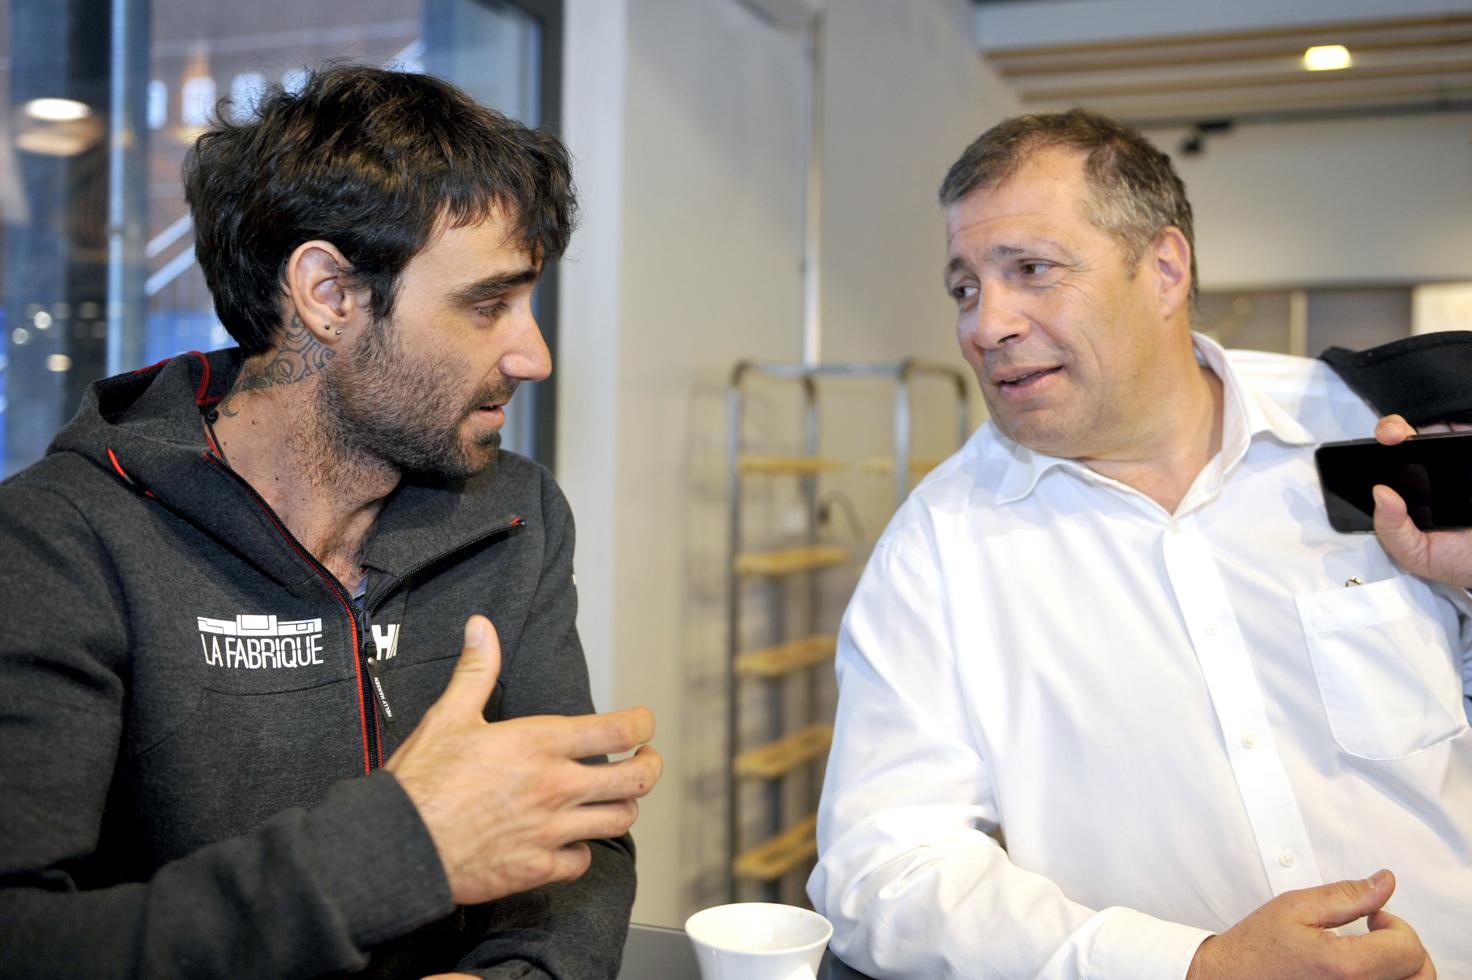 Alan Roura en compagnie du grand patron de La Fabrique Marc-André Cornu, avec qui il a passé cinq jours en mer. © Michel Duvoisin